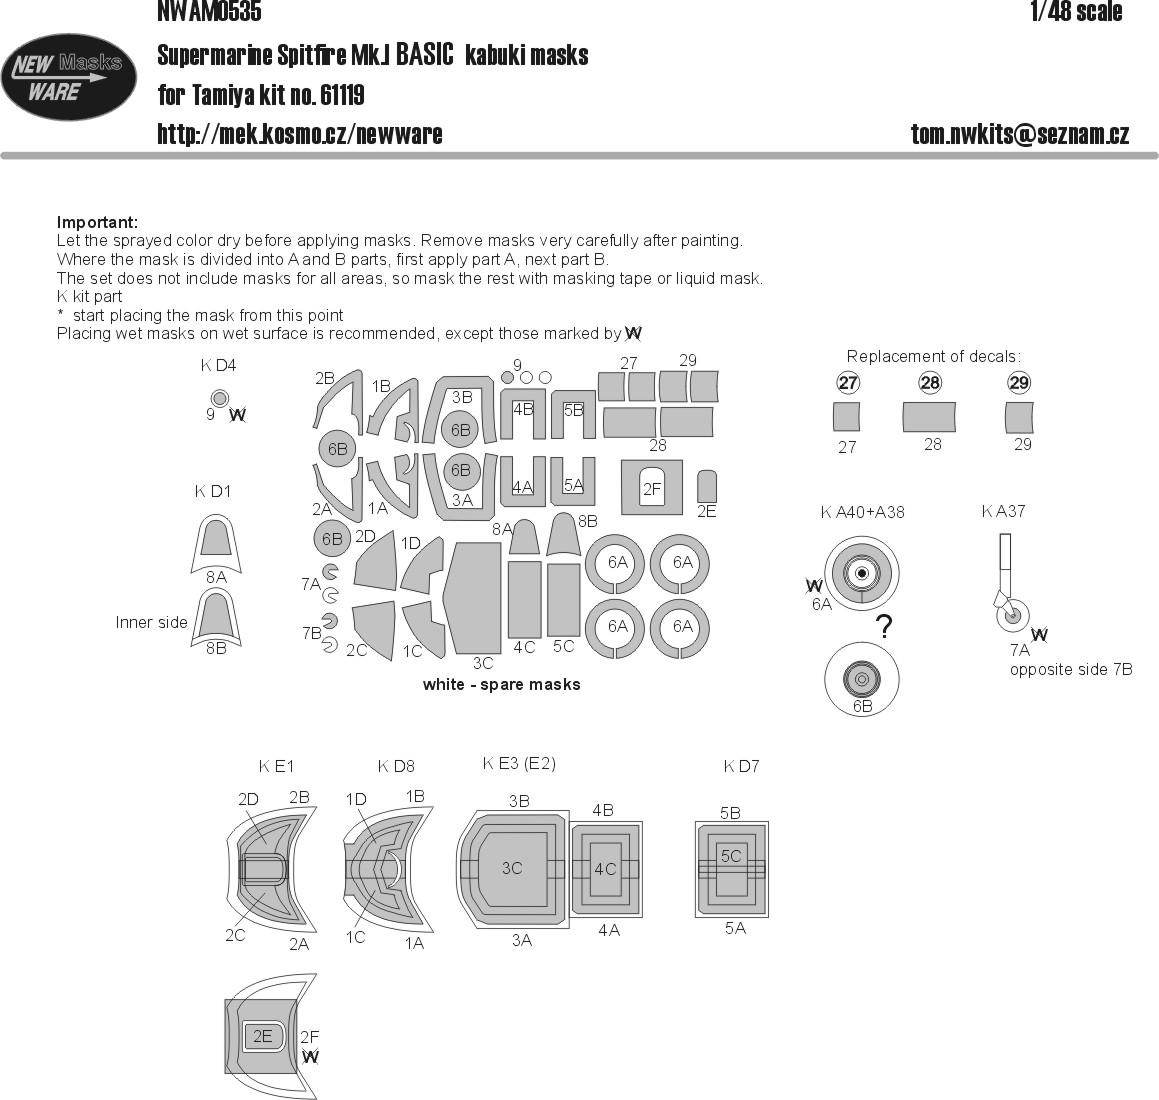 NWAM0535